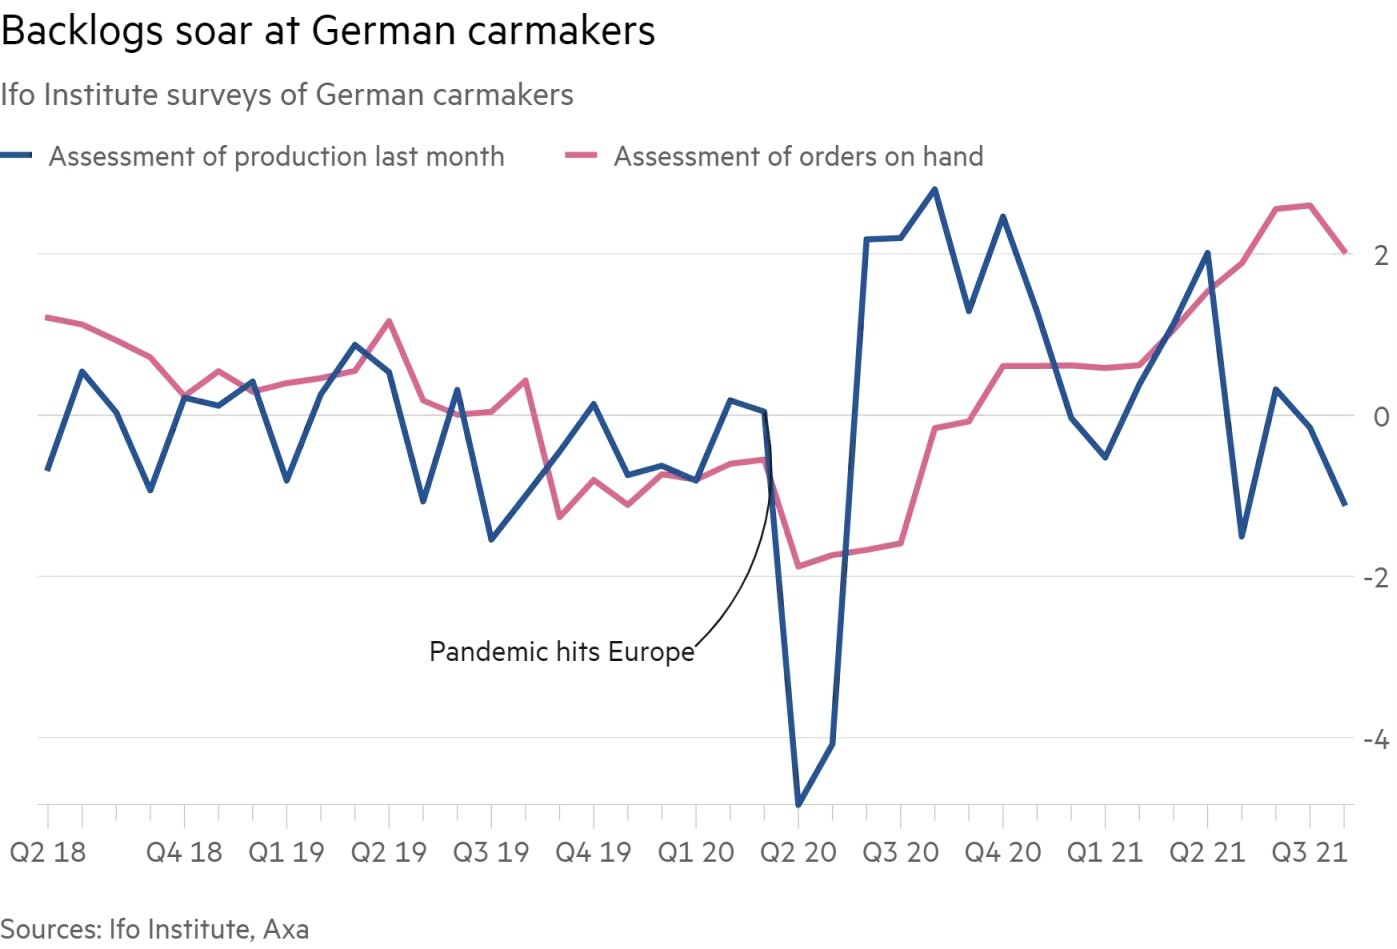 Backlogs soar at German carmakers